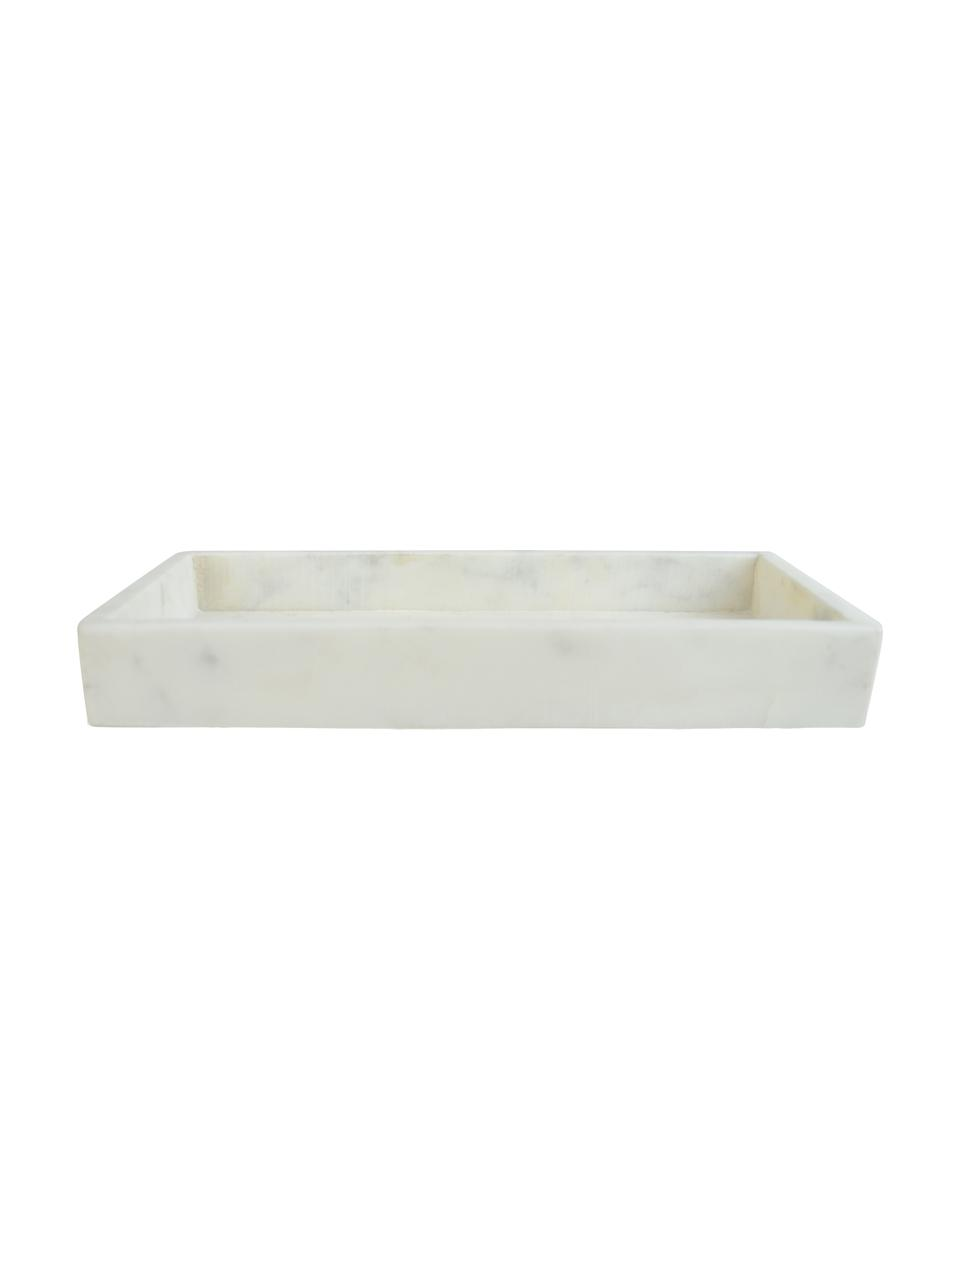 Taca dekoracyjna z marmuru Mera, Marmur, Biały, marmurowy, S 30 x G 15 cm